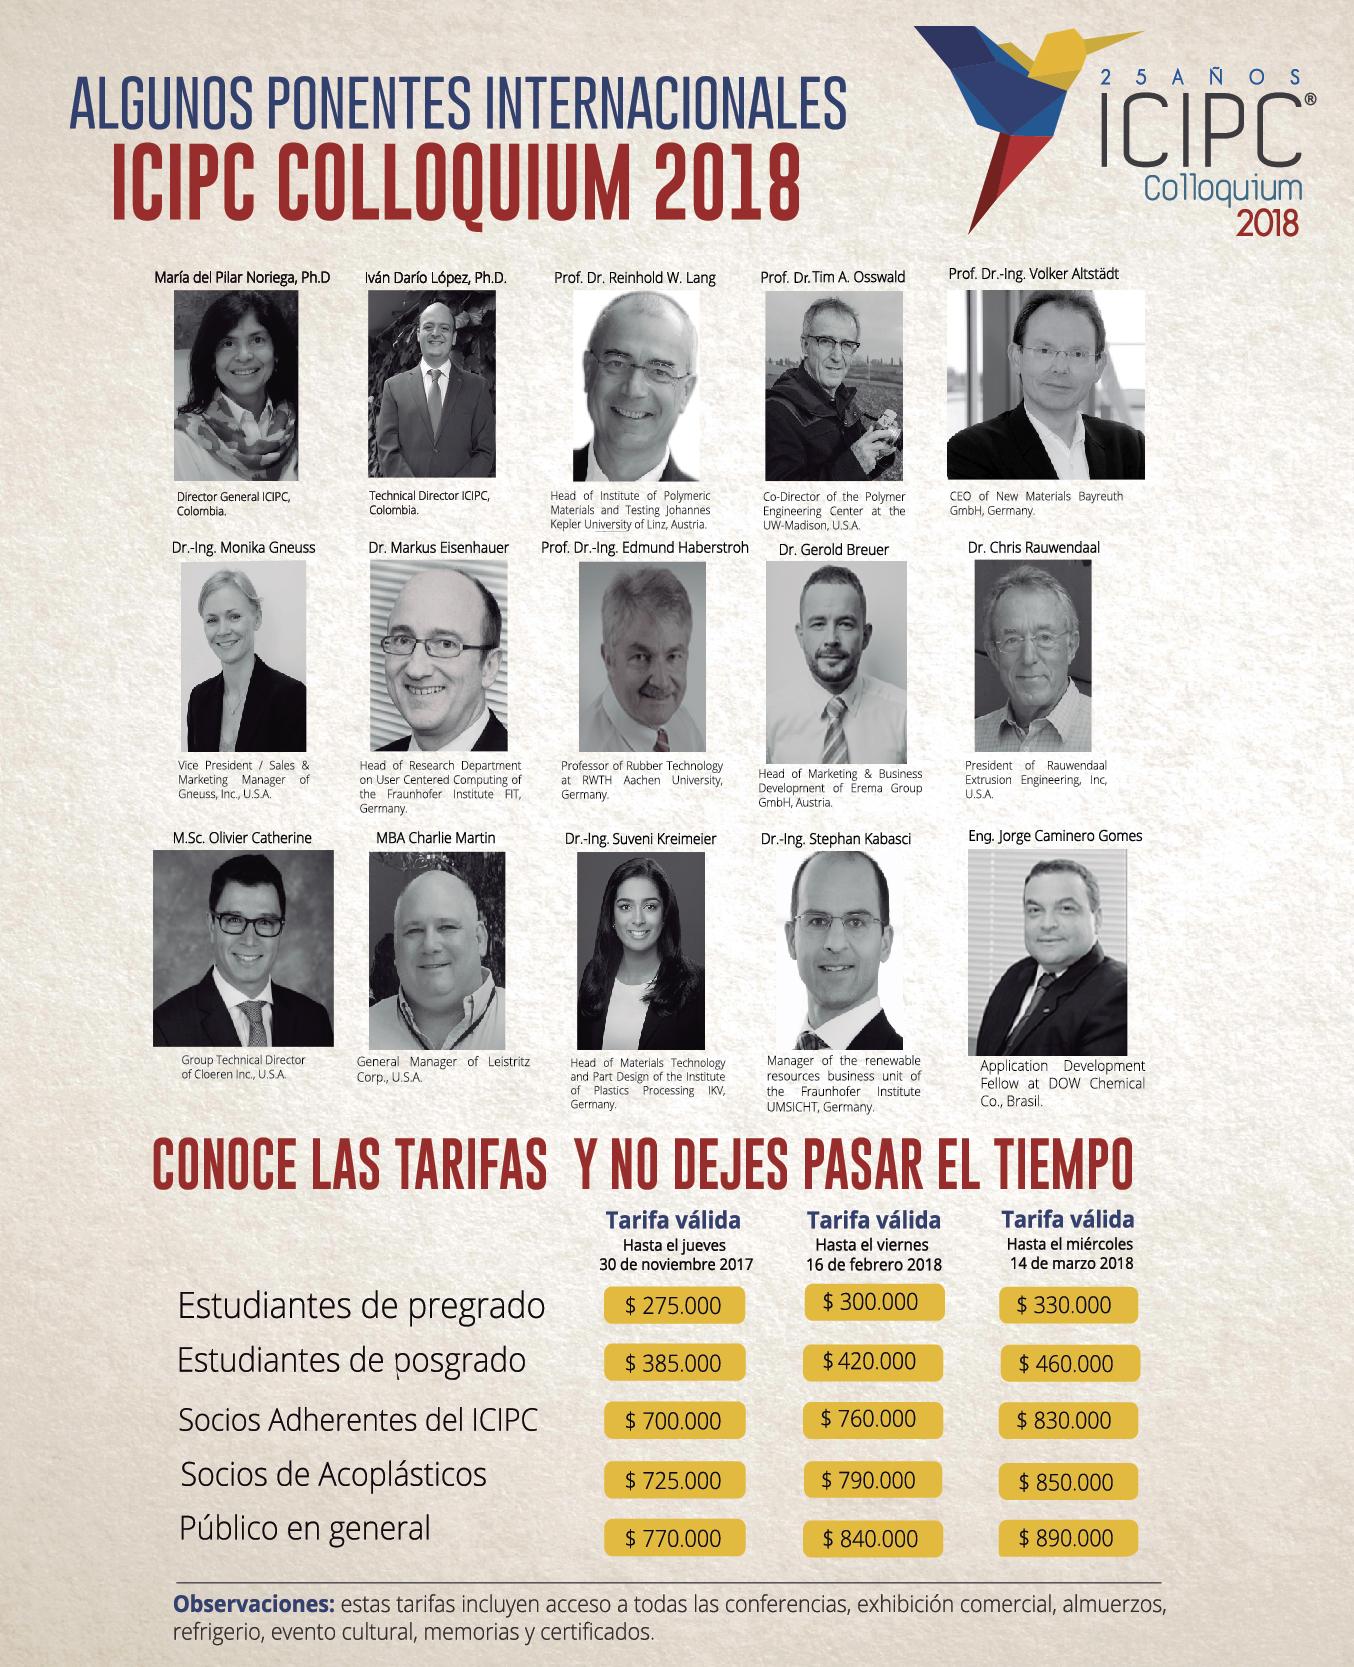 conferencistas 1 02